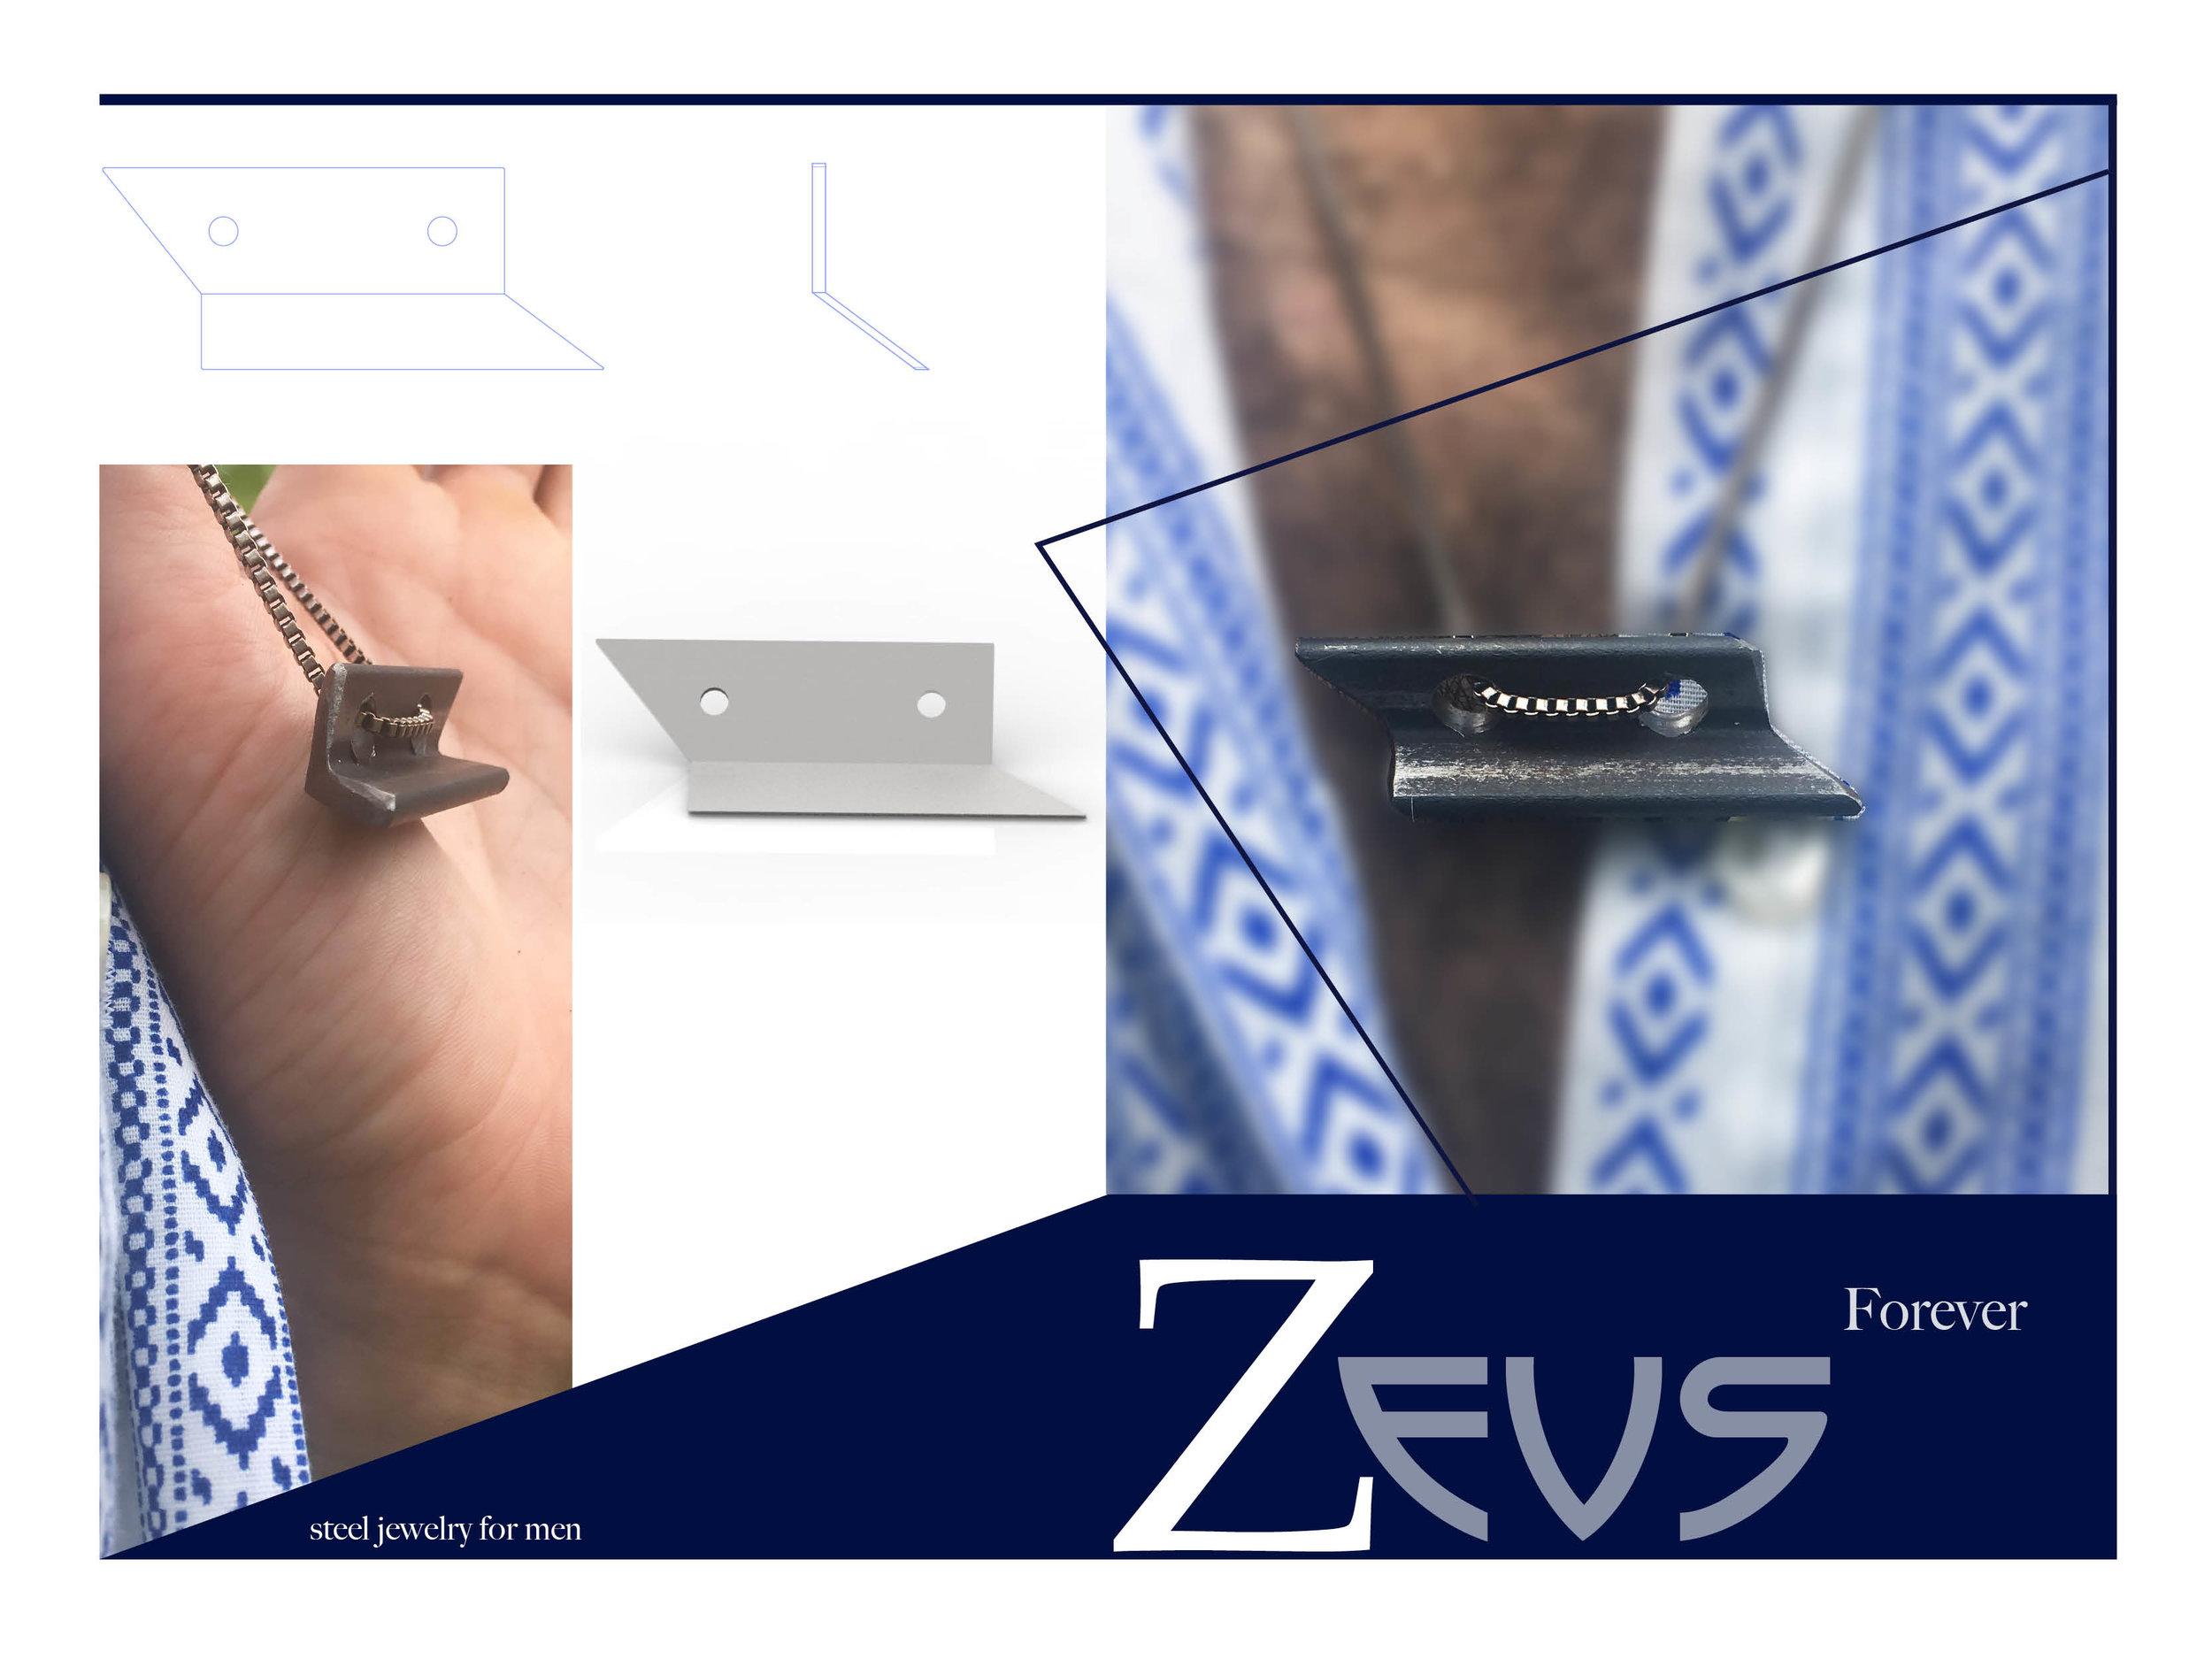 Z-jewlery layout.jpg